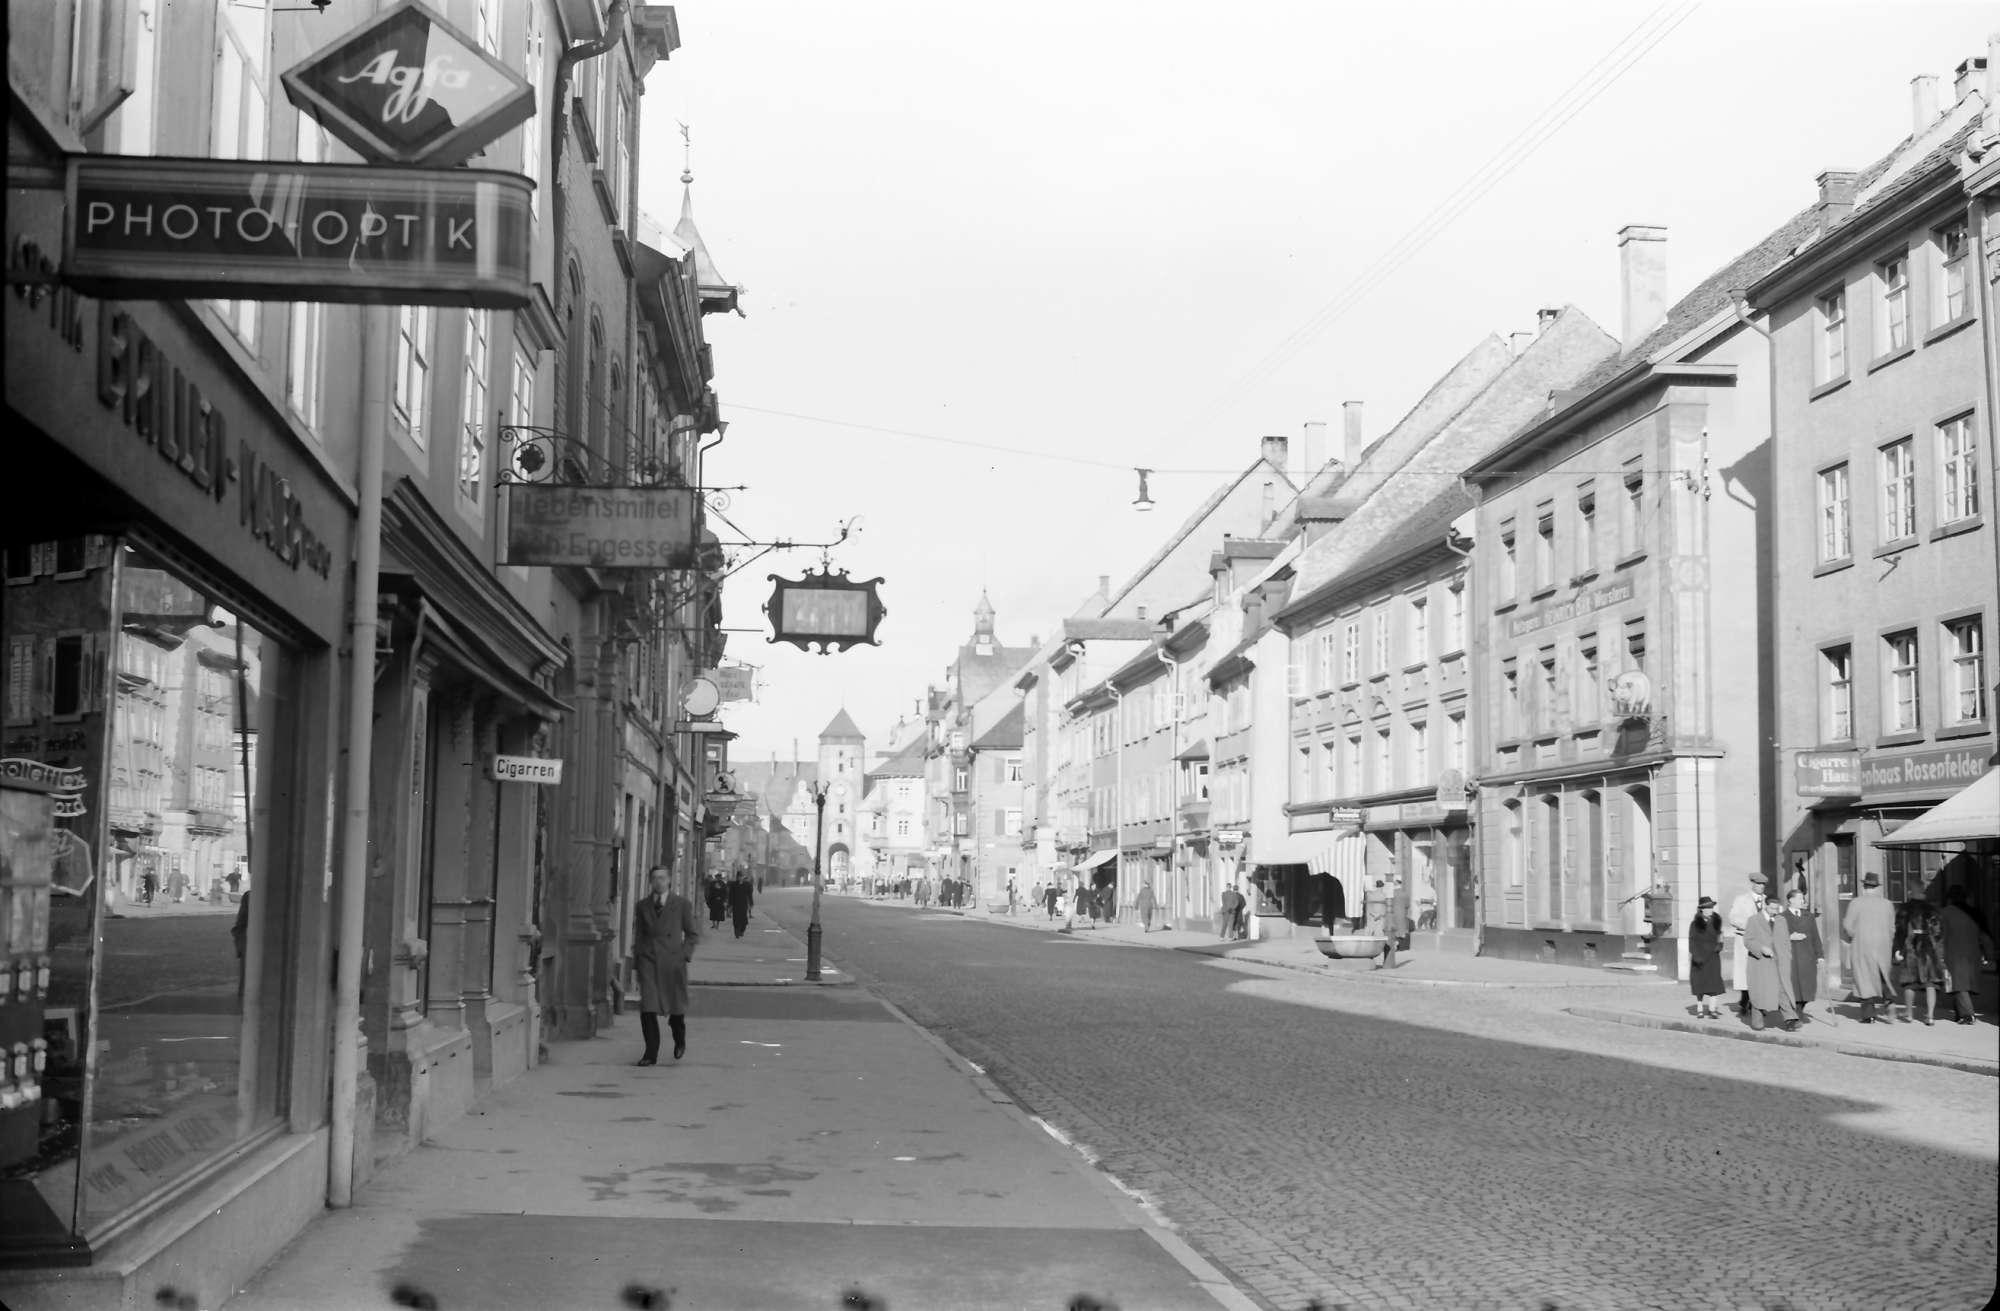 Villingen: Straße in Villingen, Bild 1